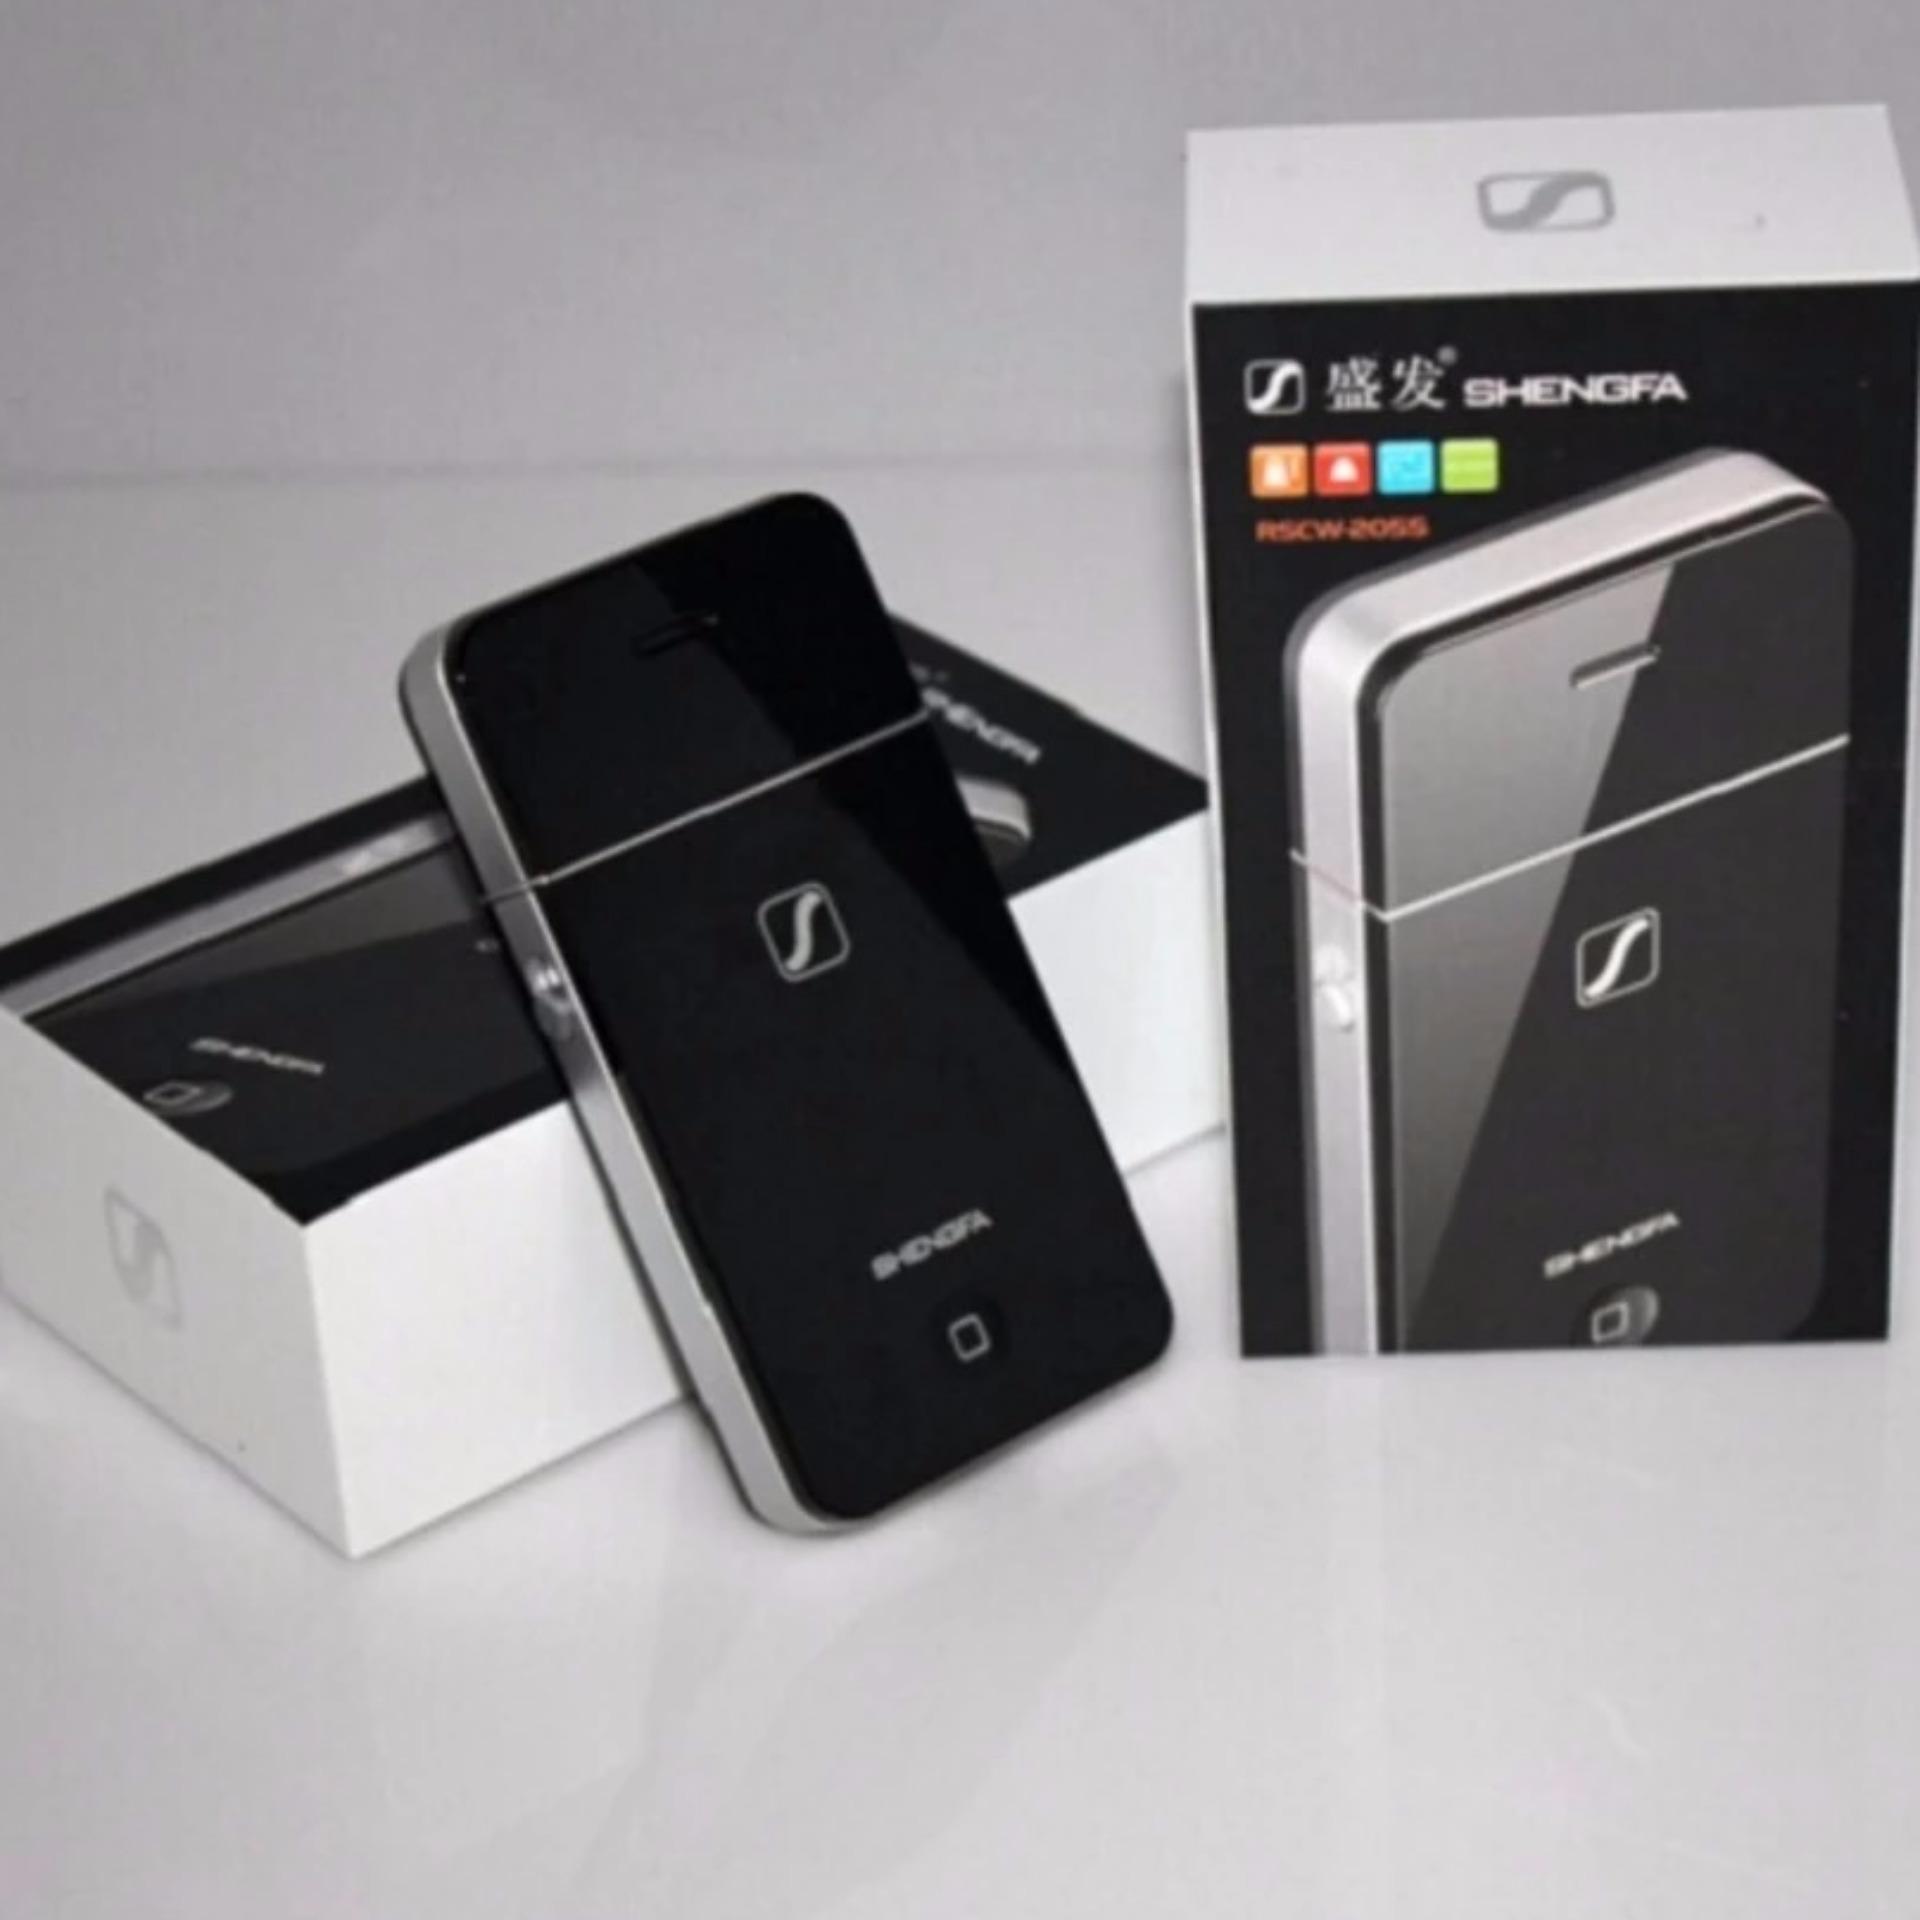 Alat Cukur Kumis Jenggot SHENGFA RSCW-2055   Electric ShaverRechargeable Apple 4 Style Razor Shall